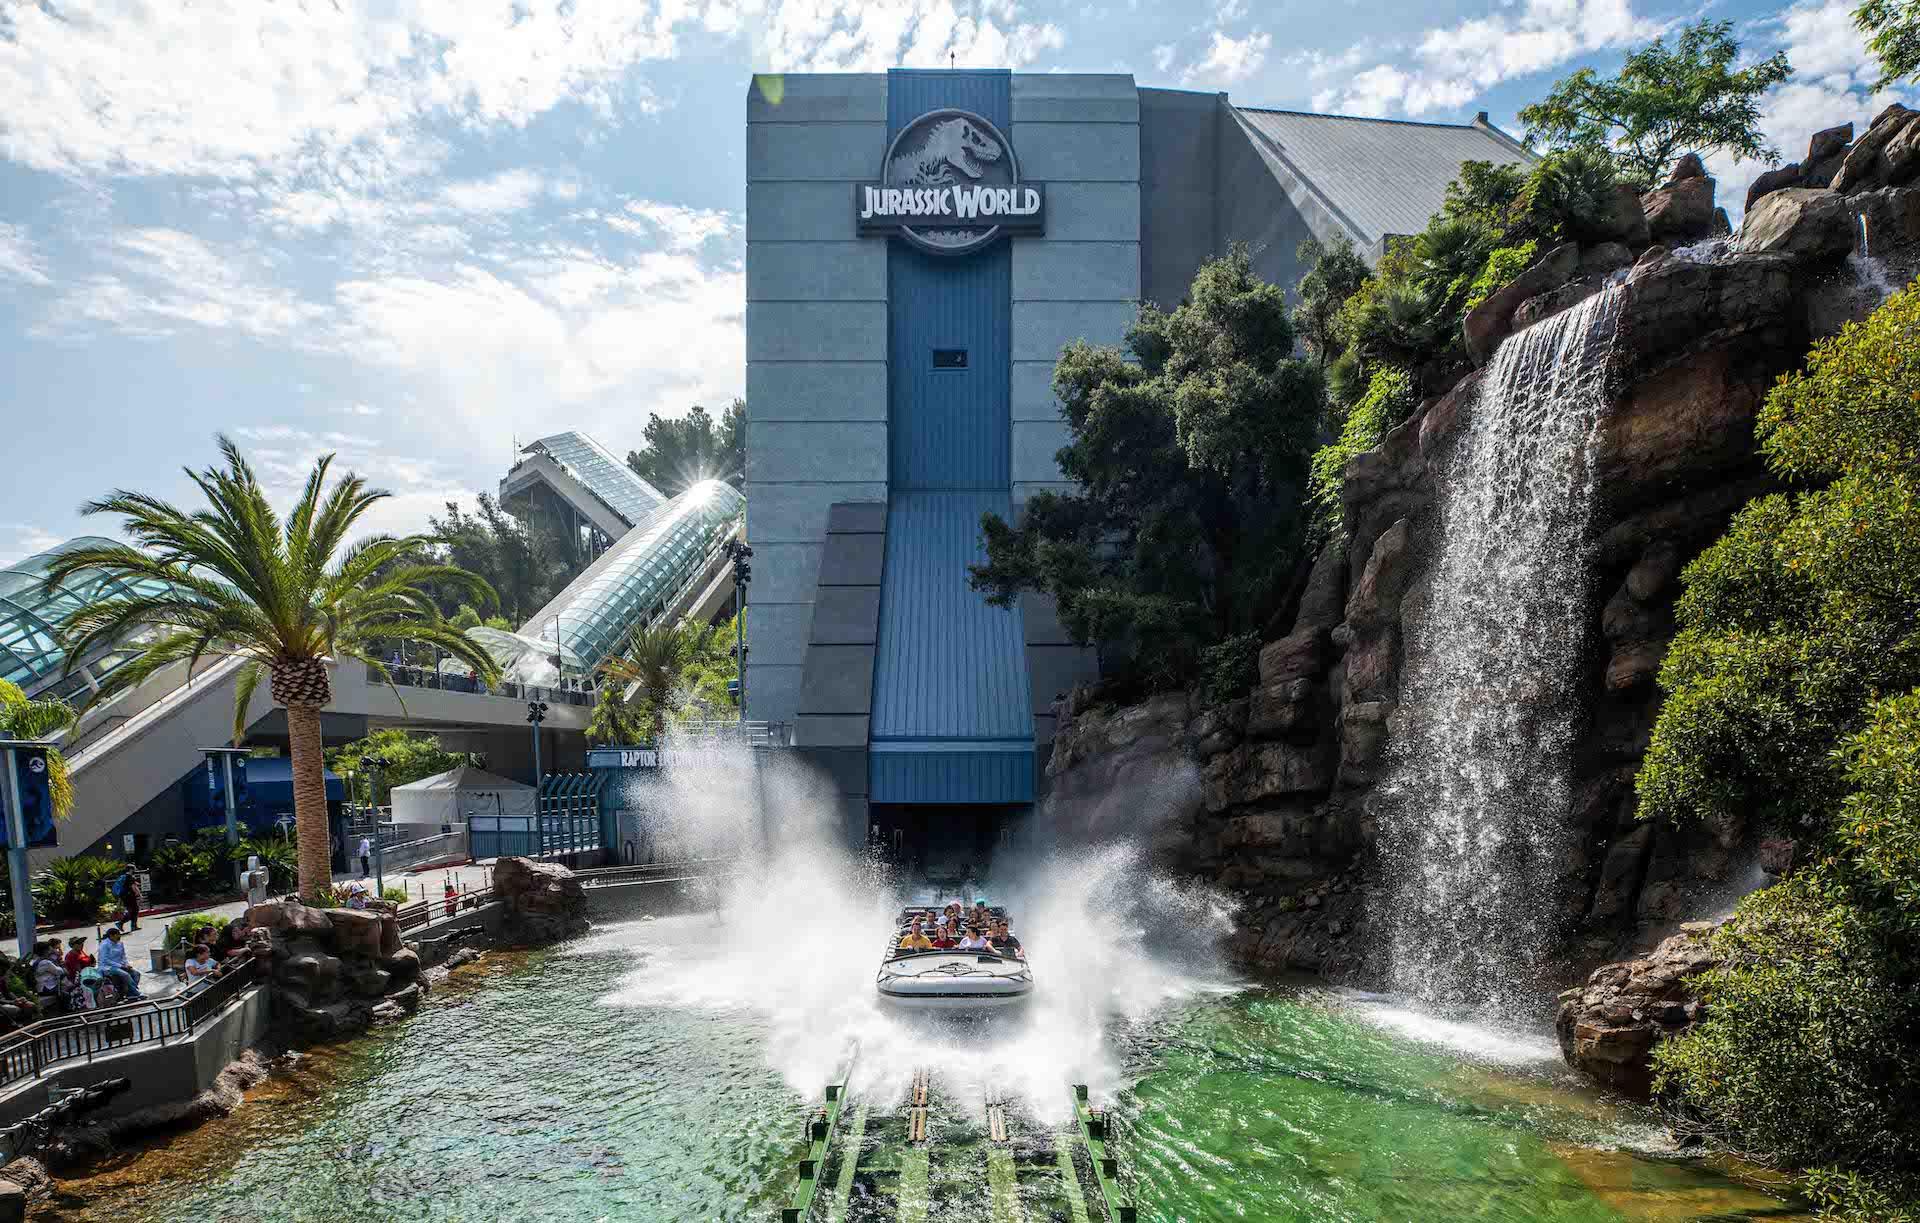 Abrió en Los Ángeles el nuevo parque temático de Jurassic World: The Ride